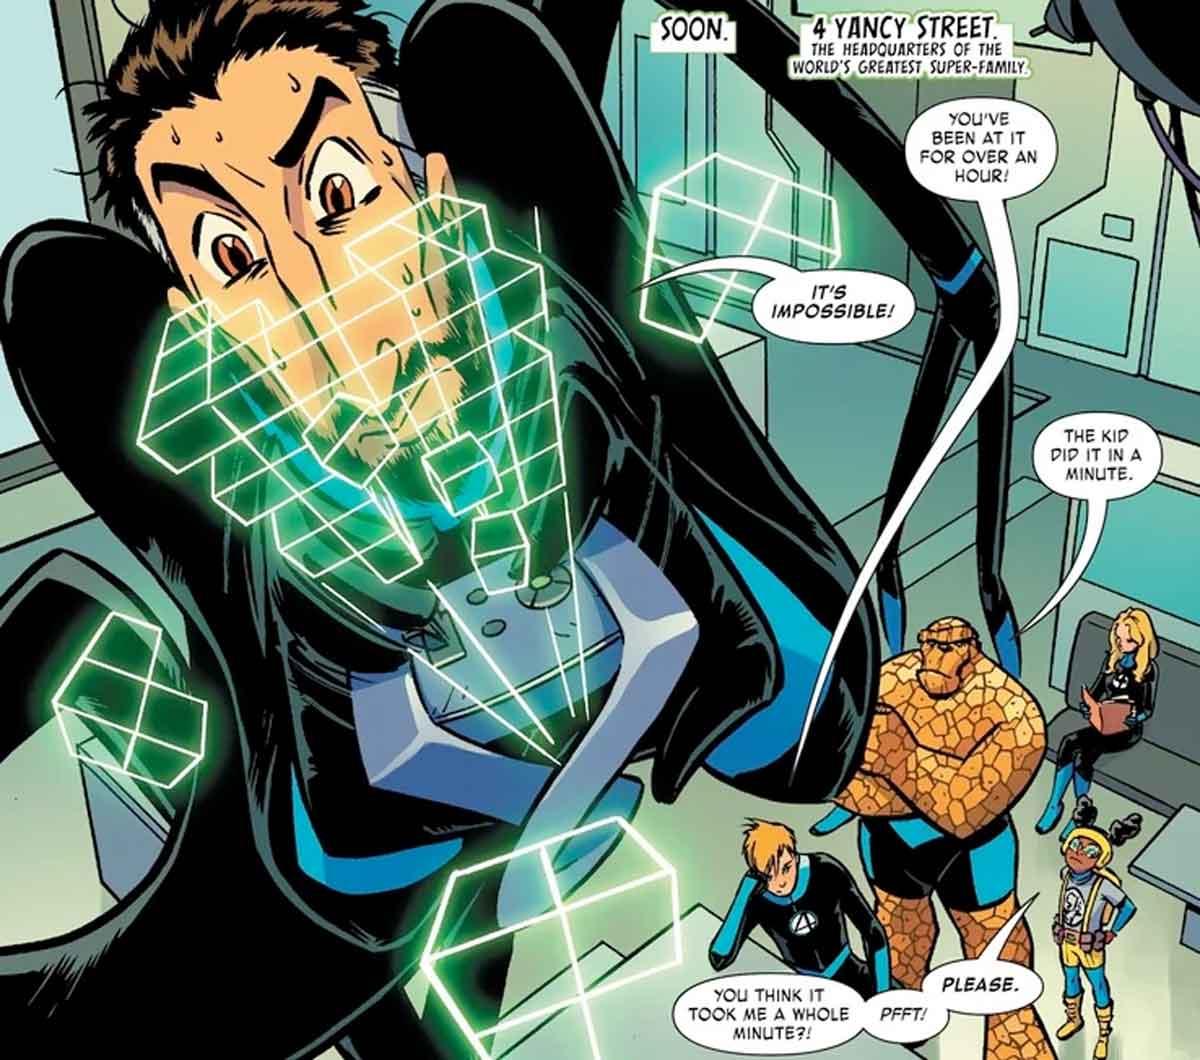 Marvel confirma quien es su personaje más inteligente